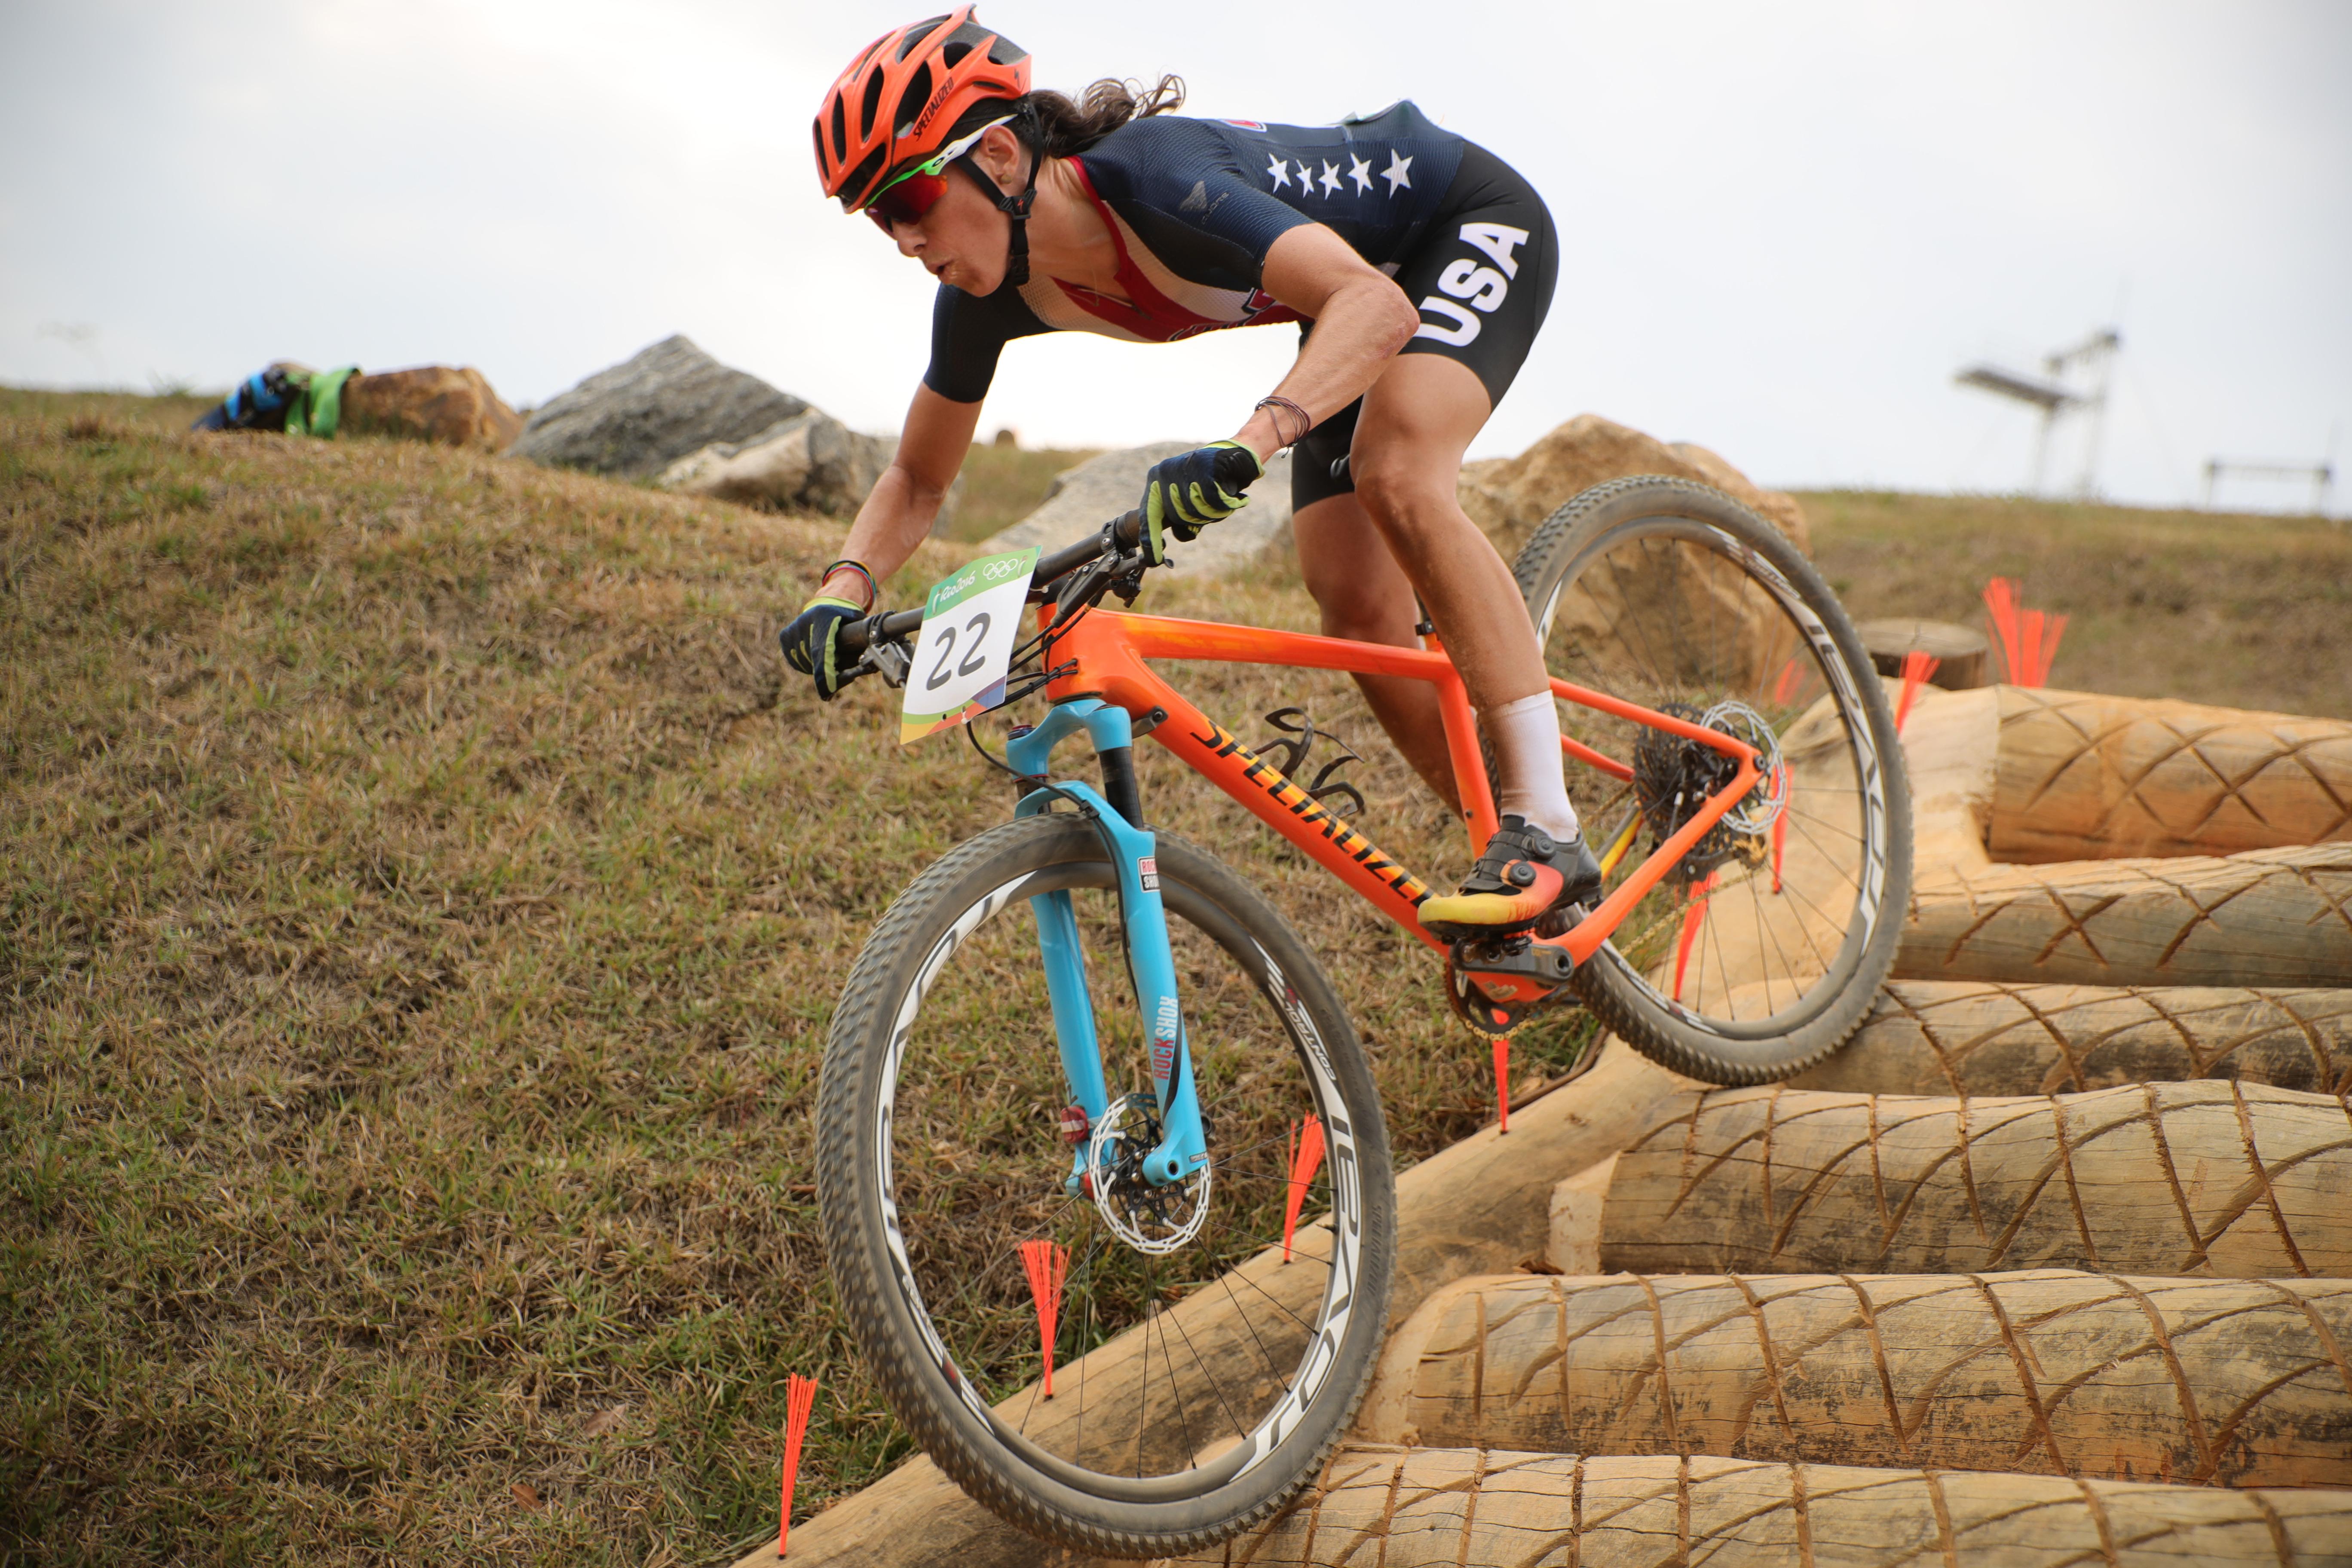 Olympic Games 2016 Cycling Mountain Bike